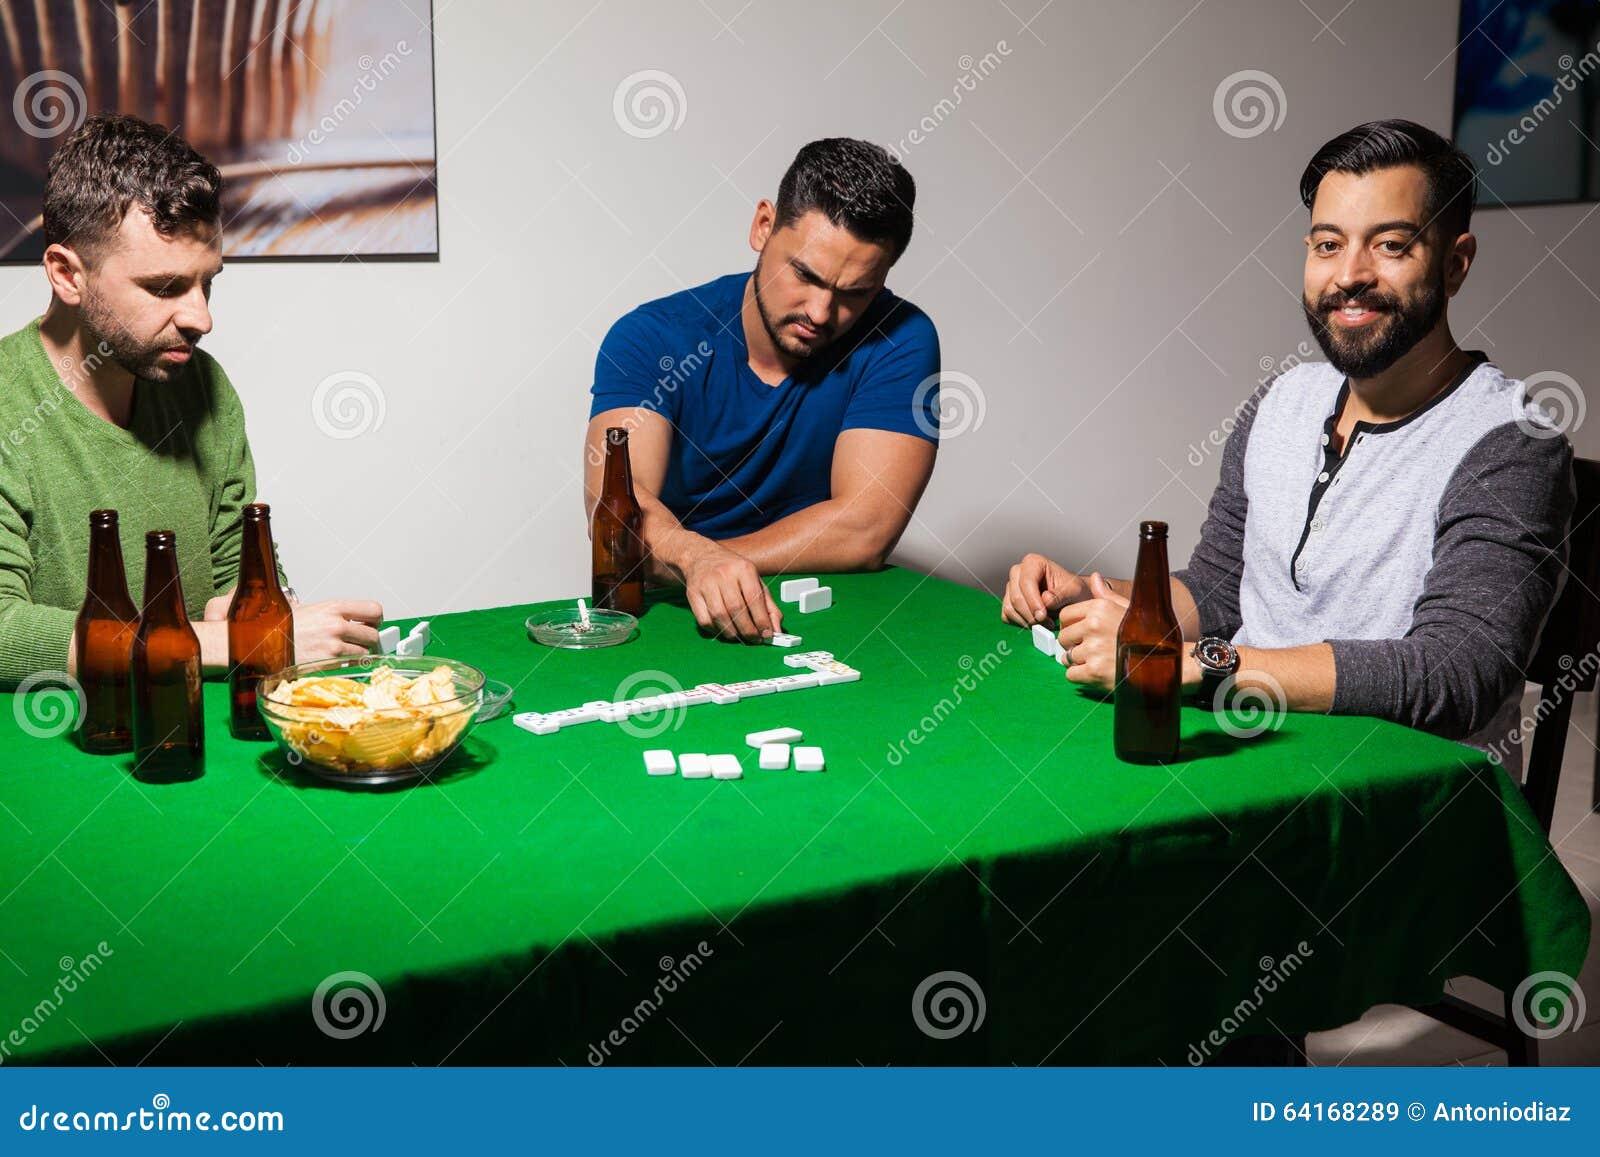 play poker for fun